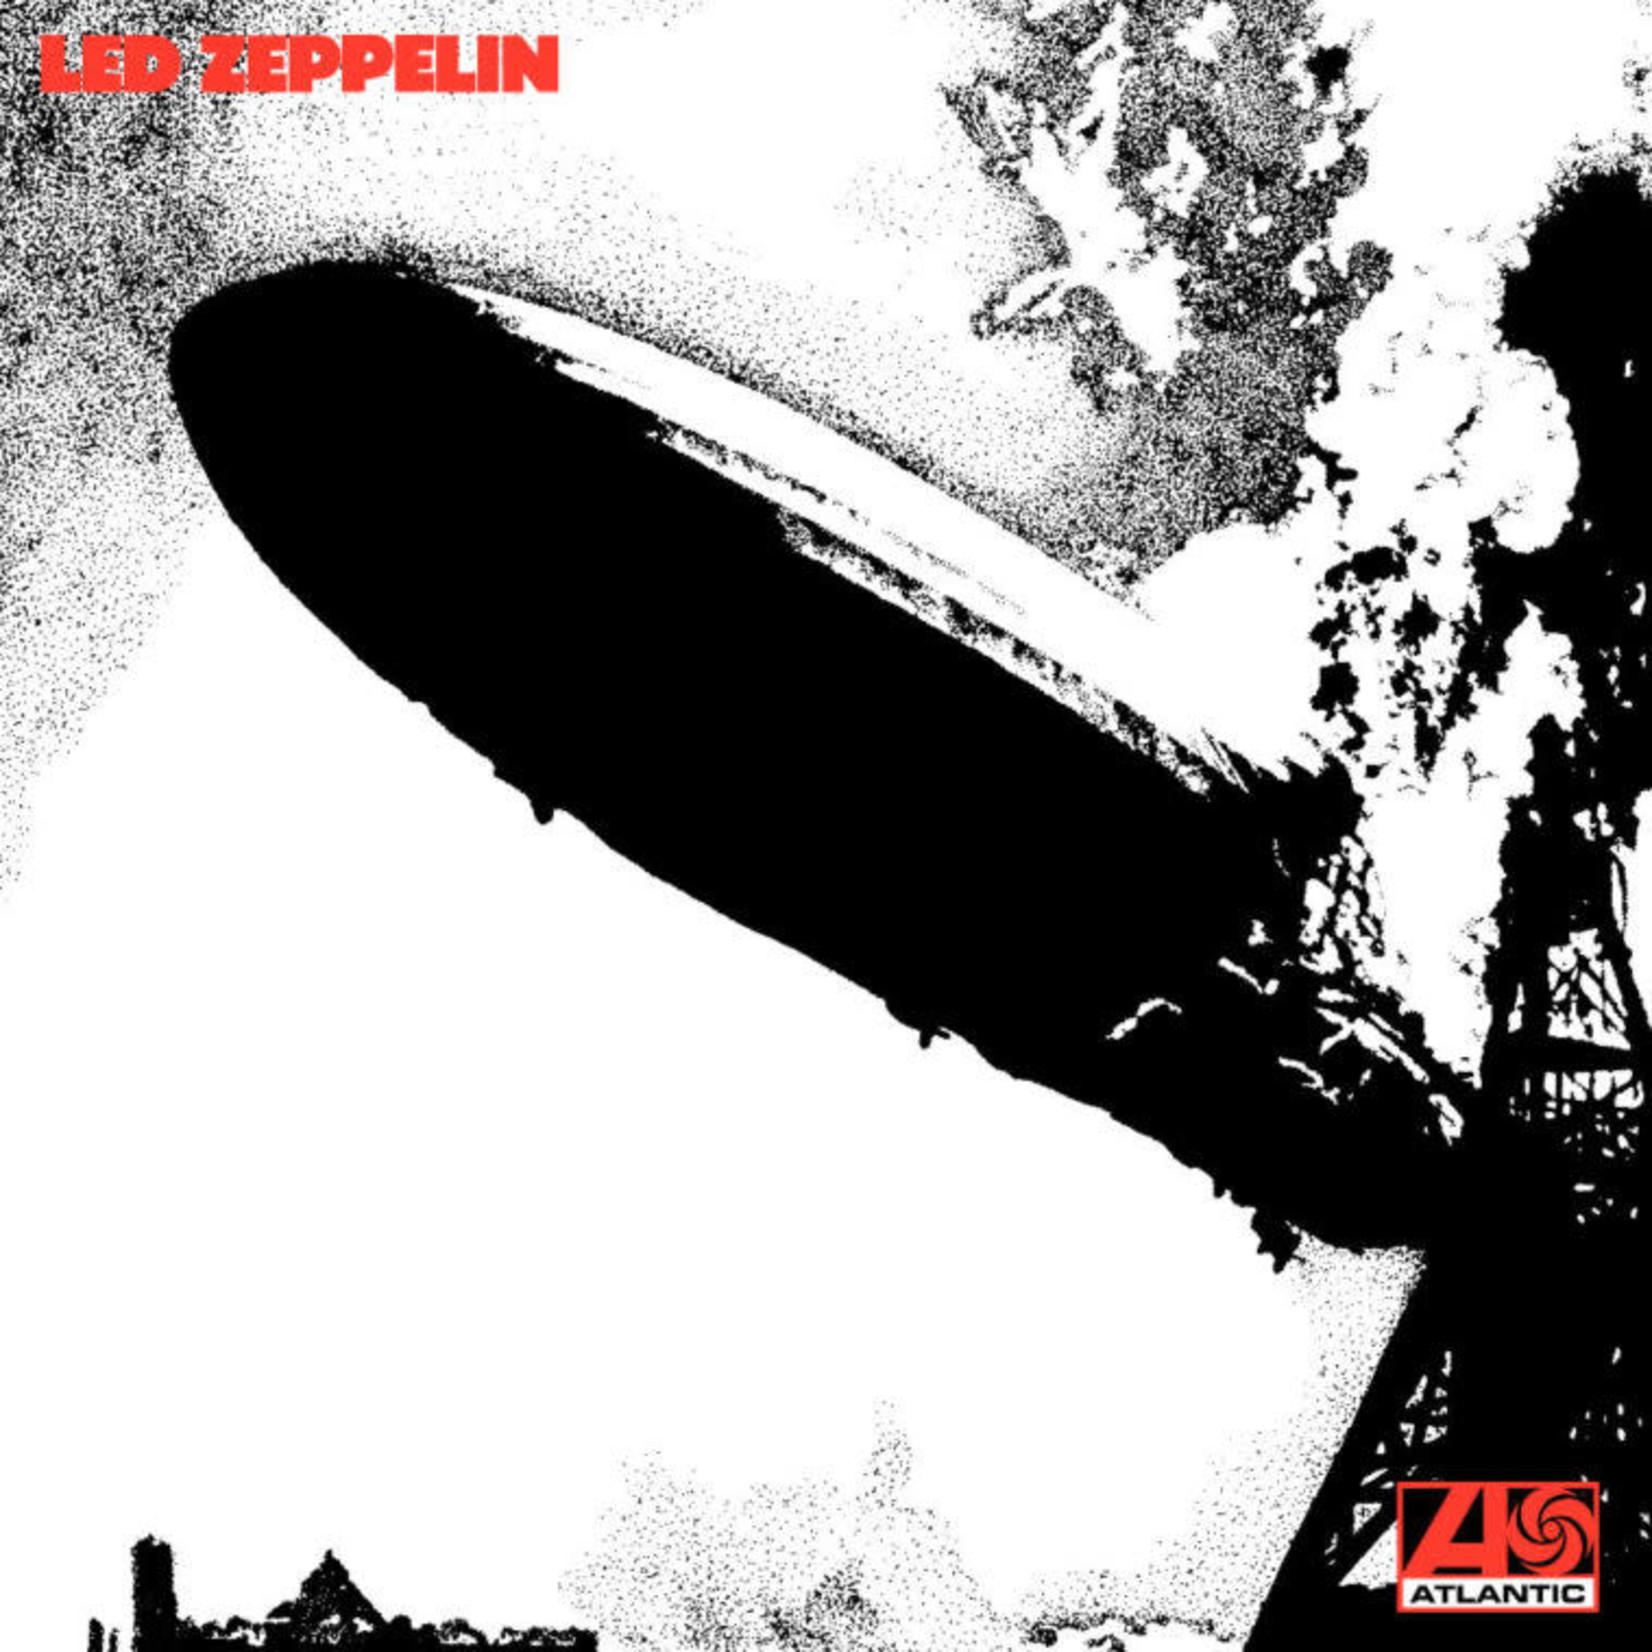 [Vintage] Led Zeppelin: I (reissue)